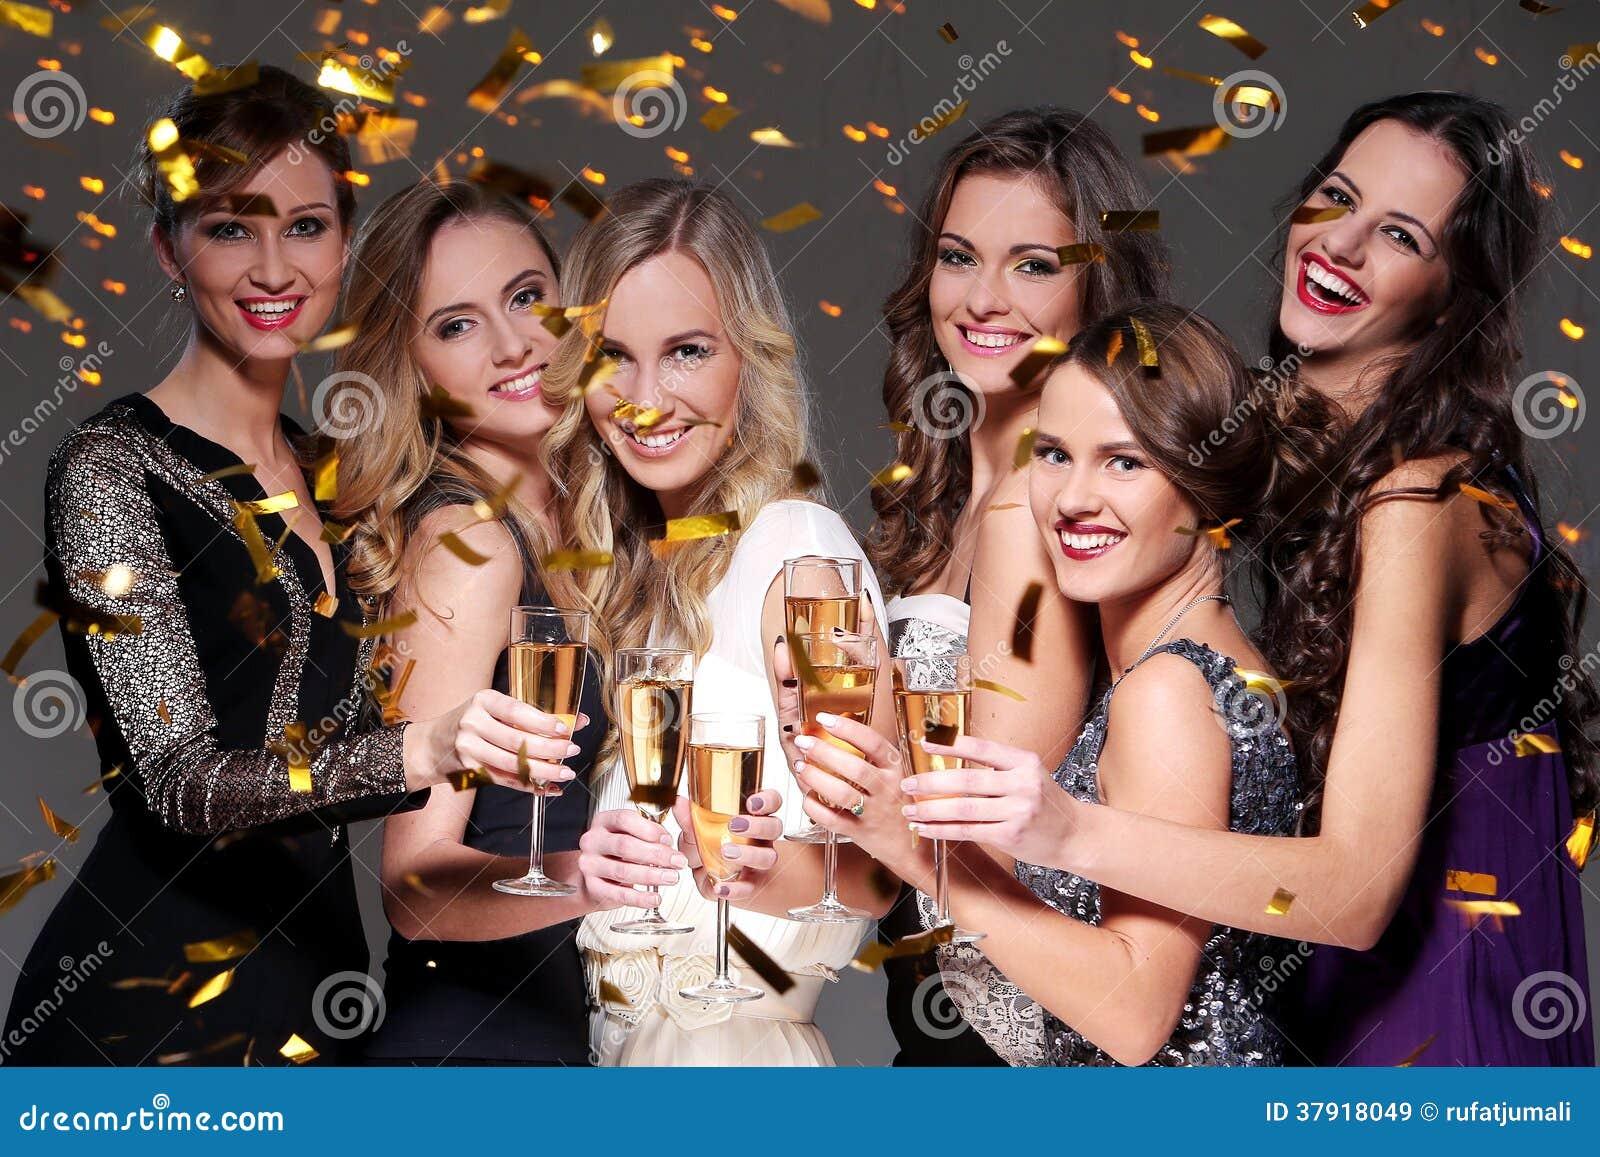 Eine Partei mit einem Haufen von spanischen und Latinas drehen in einer Orgie